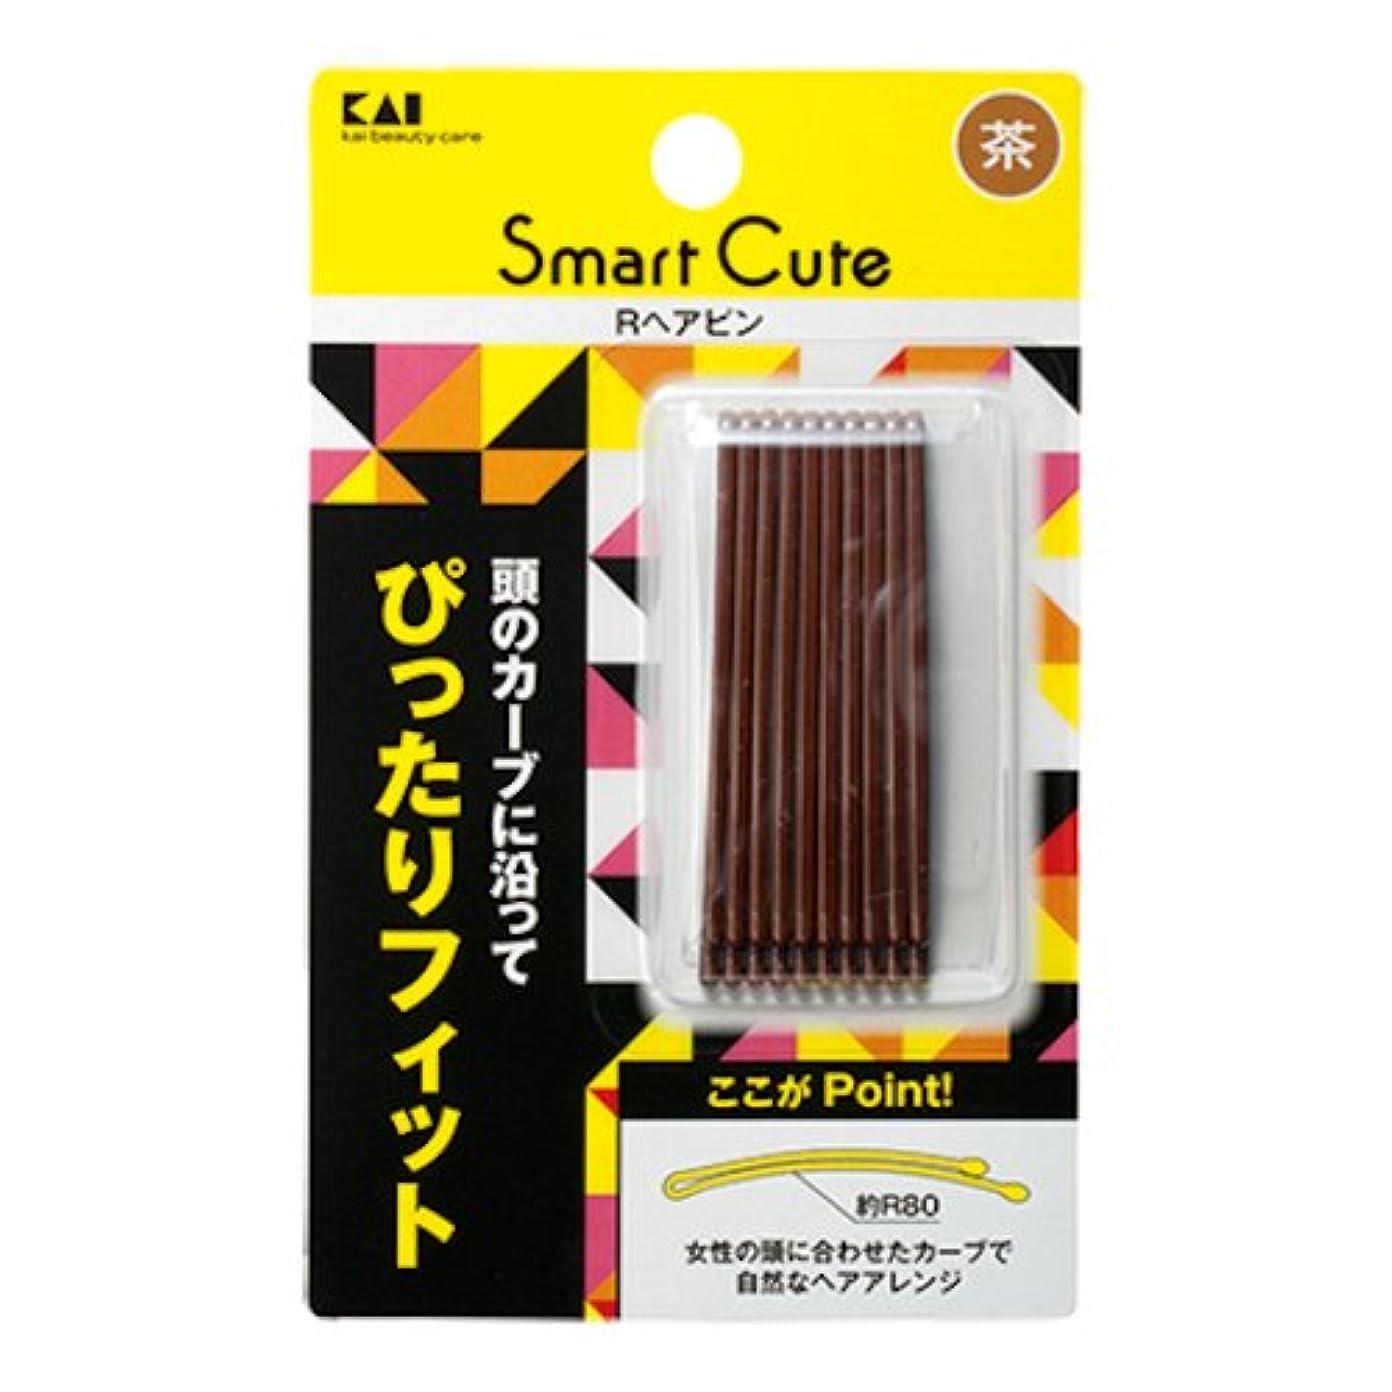 代数的毛細血管傾斜KAI Smart Cute Rヘアピン HC3333 茶